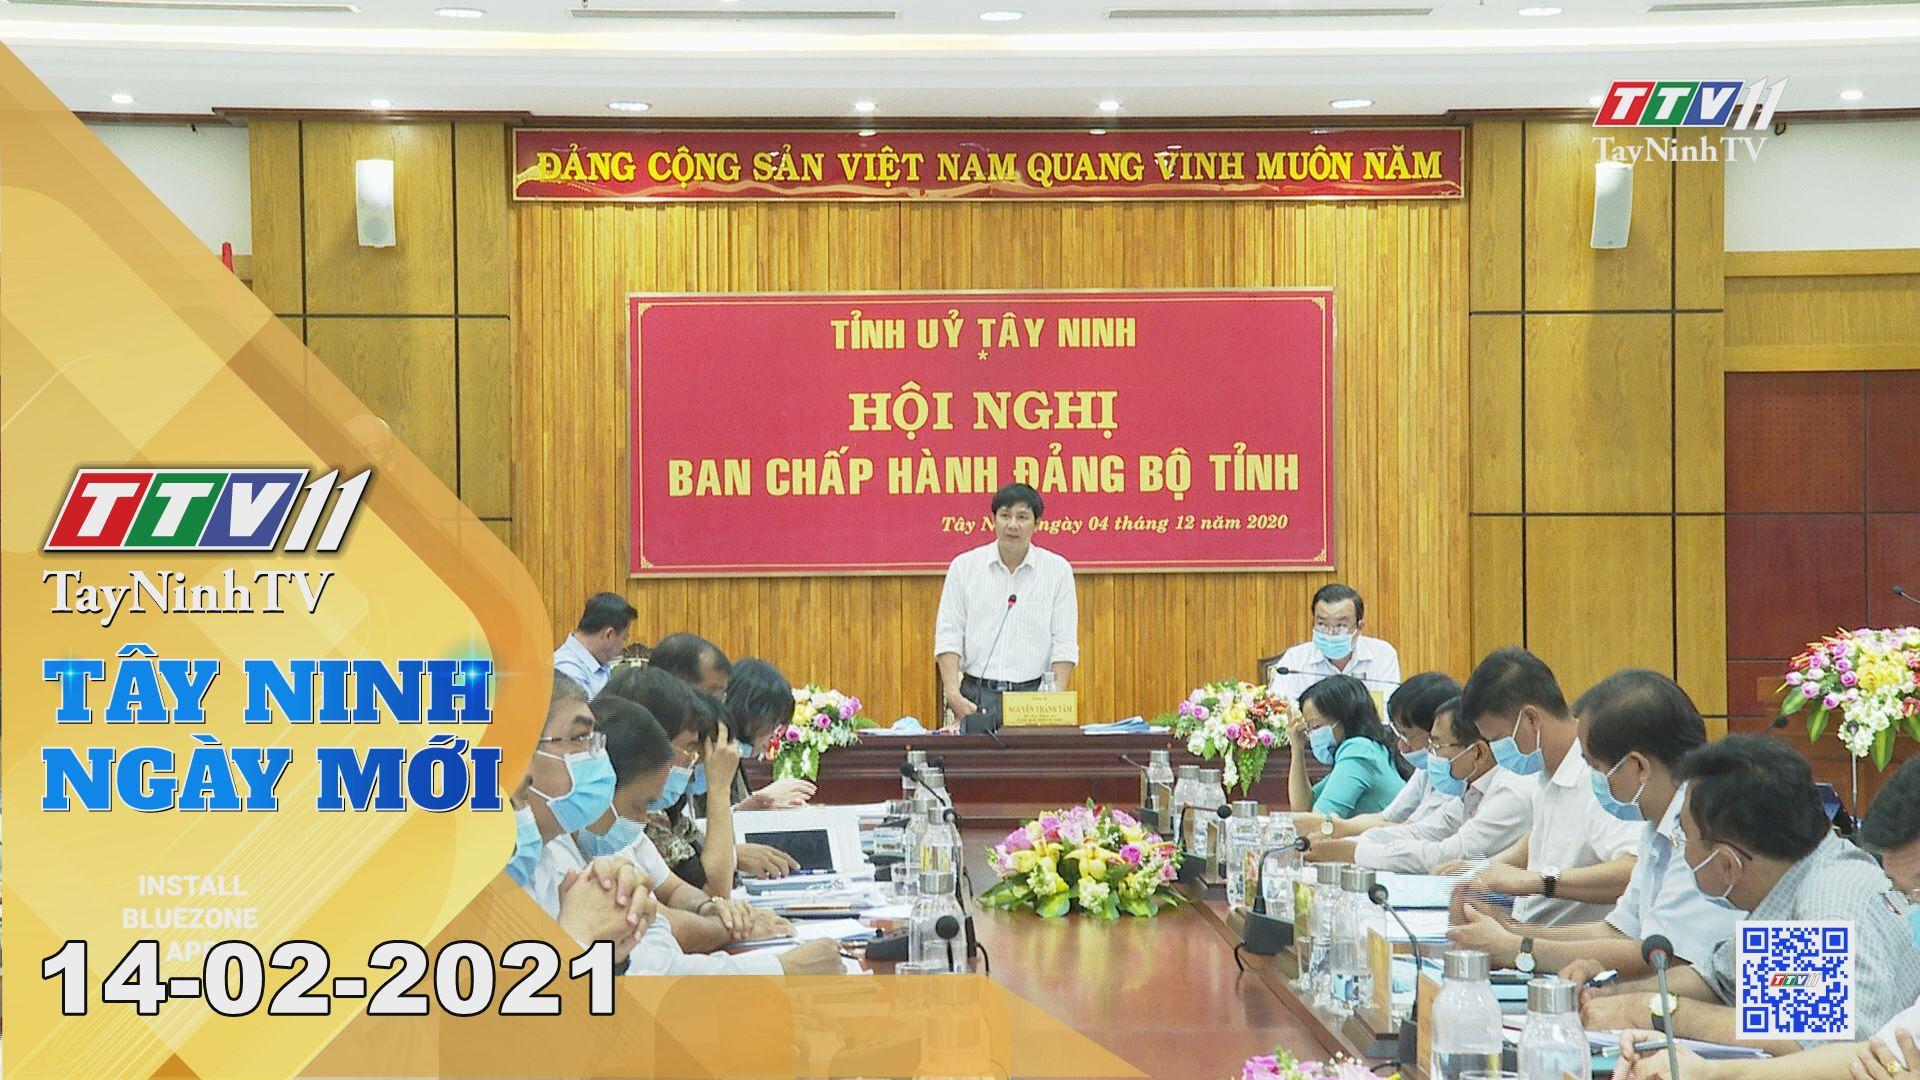 Tây Ninh Ngày Mới 14-02-2021 | Tin tức hôm nay | TayNinhTV